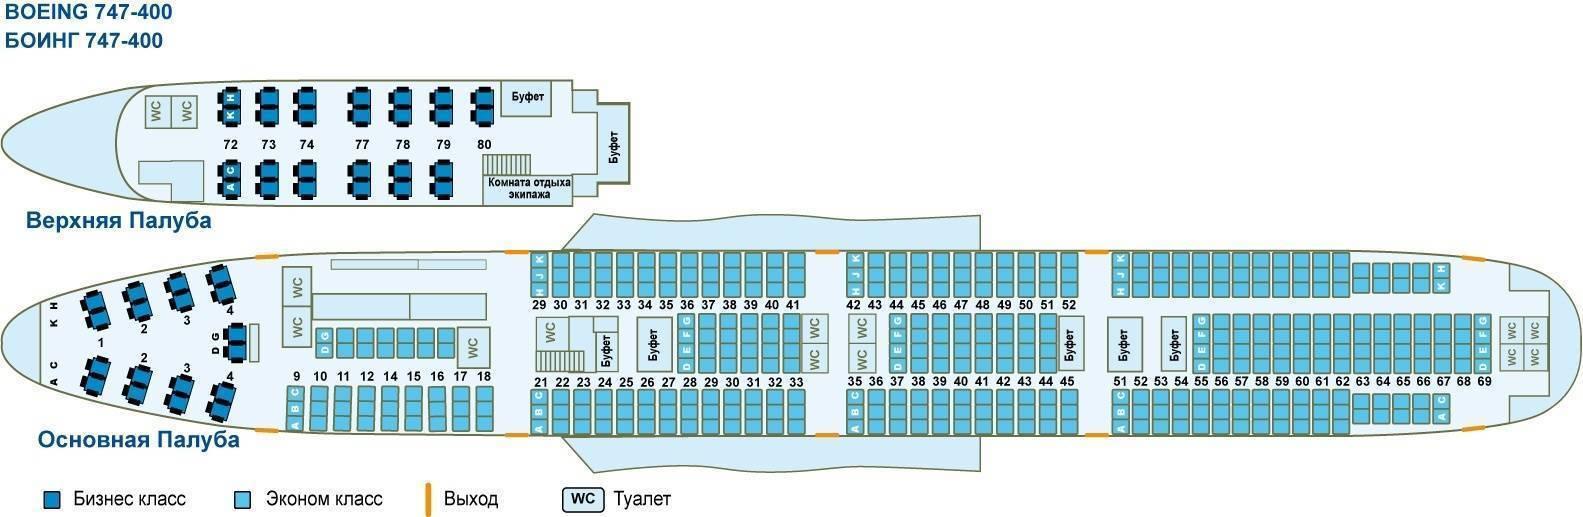 Боинг 747: версии, схема салона, лучшие места, эксплуатирующие авиакомпании